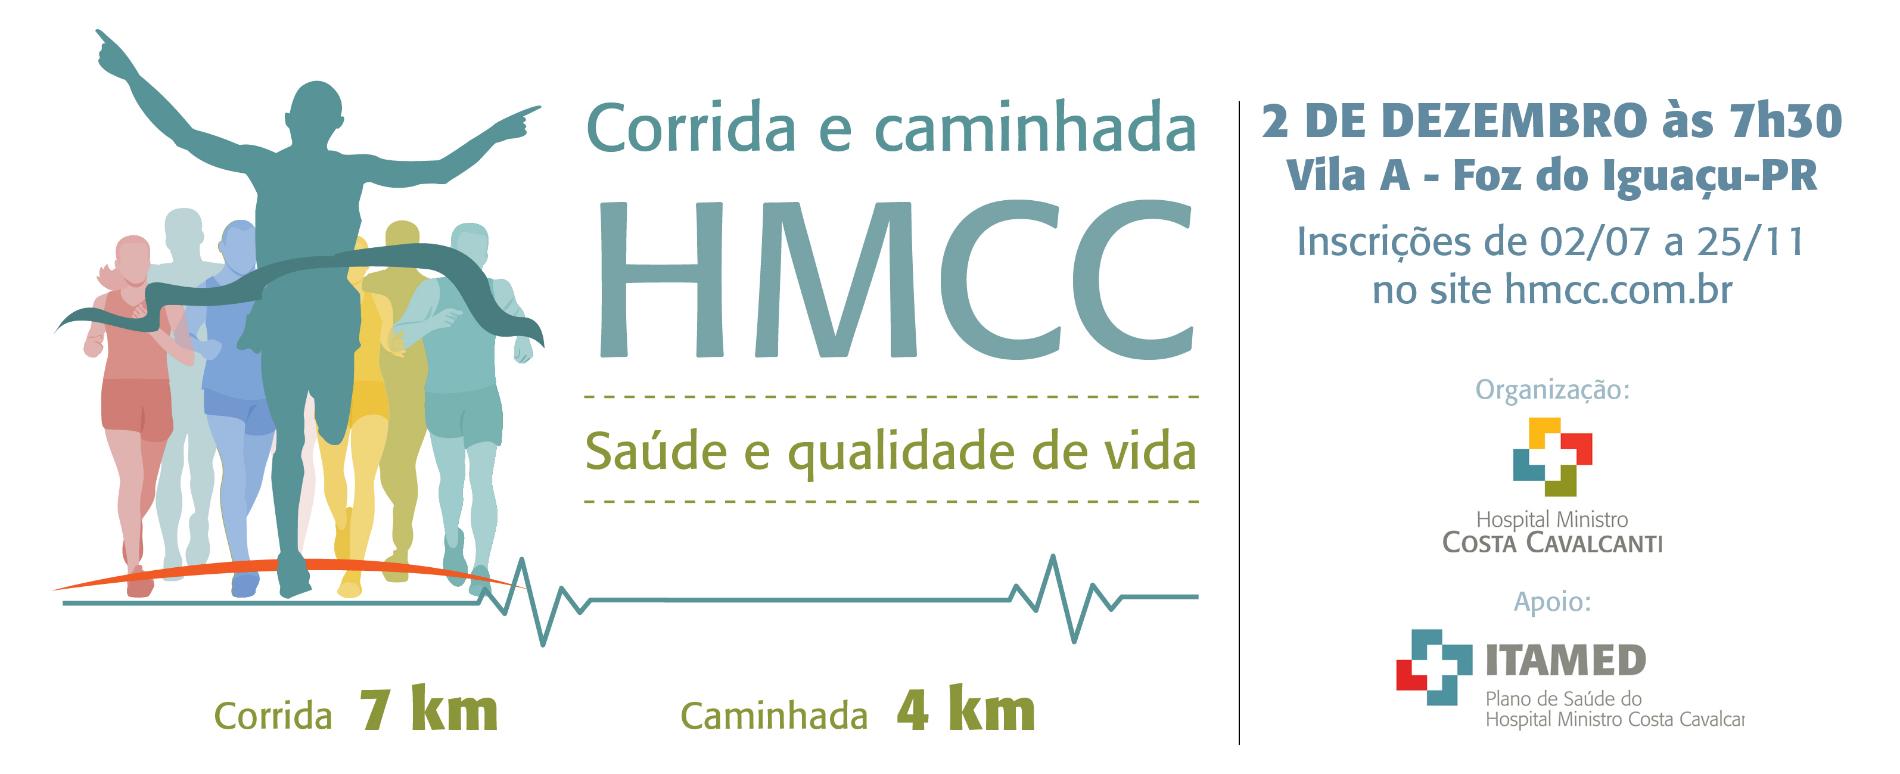 CORRIDA E CAMINHADA DO HMCC